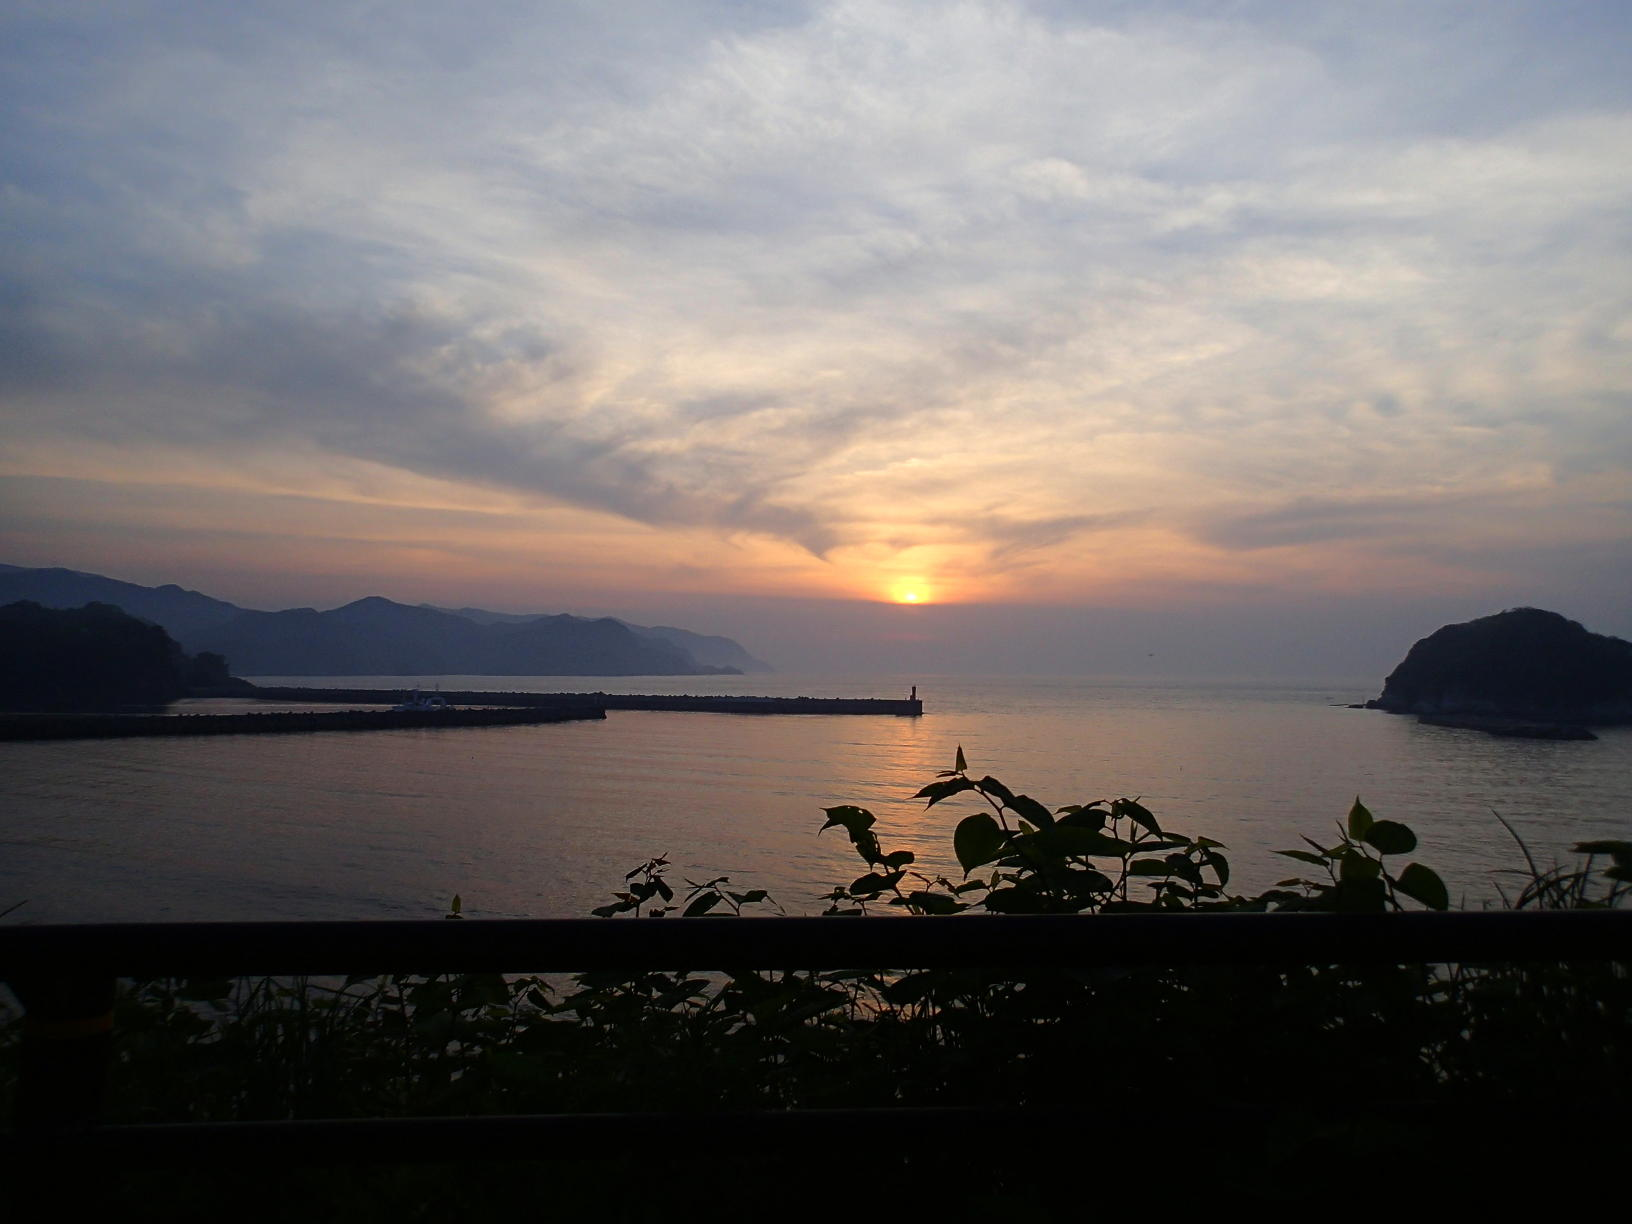 ご存知ですか?夕陽にも旬が~夕陽百選今子浦、見ごろとなりました